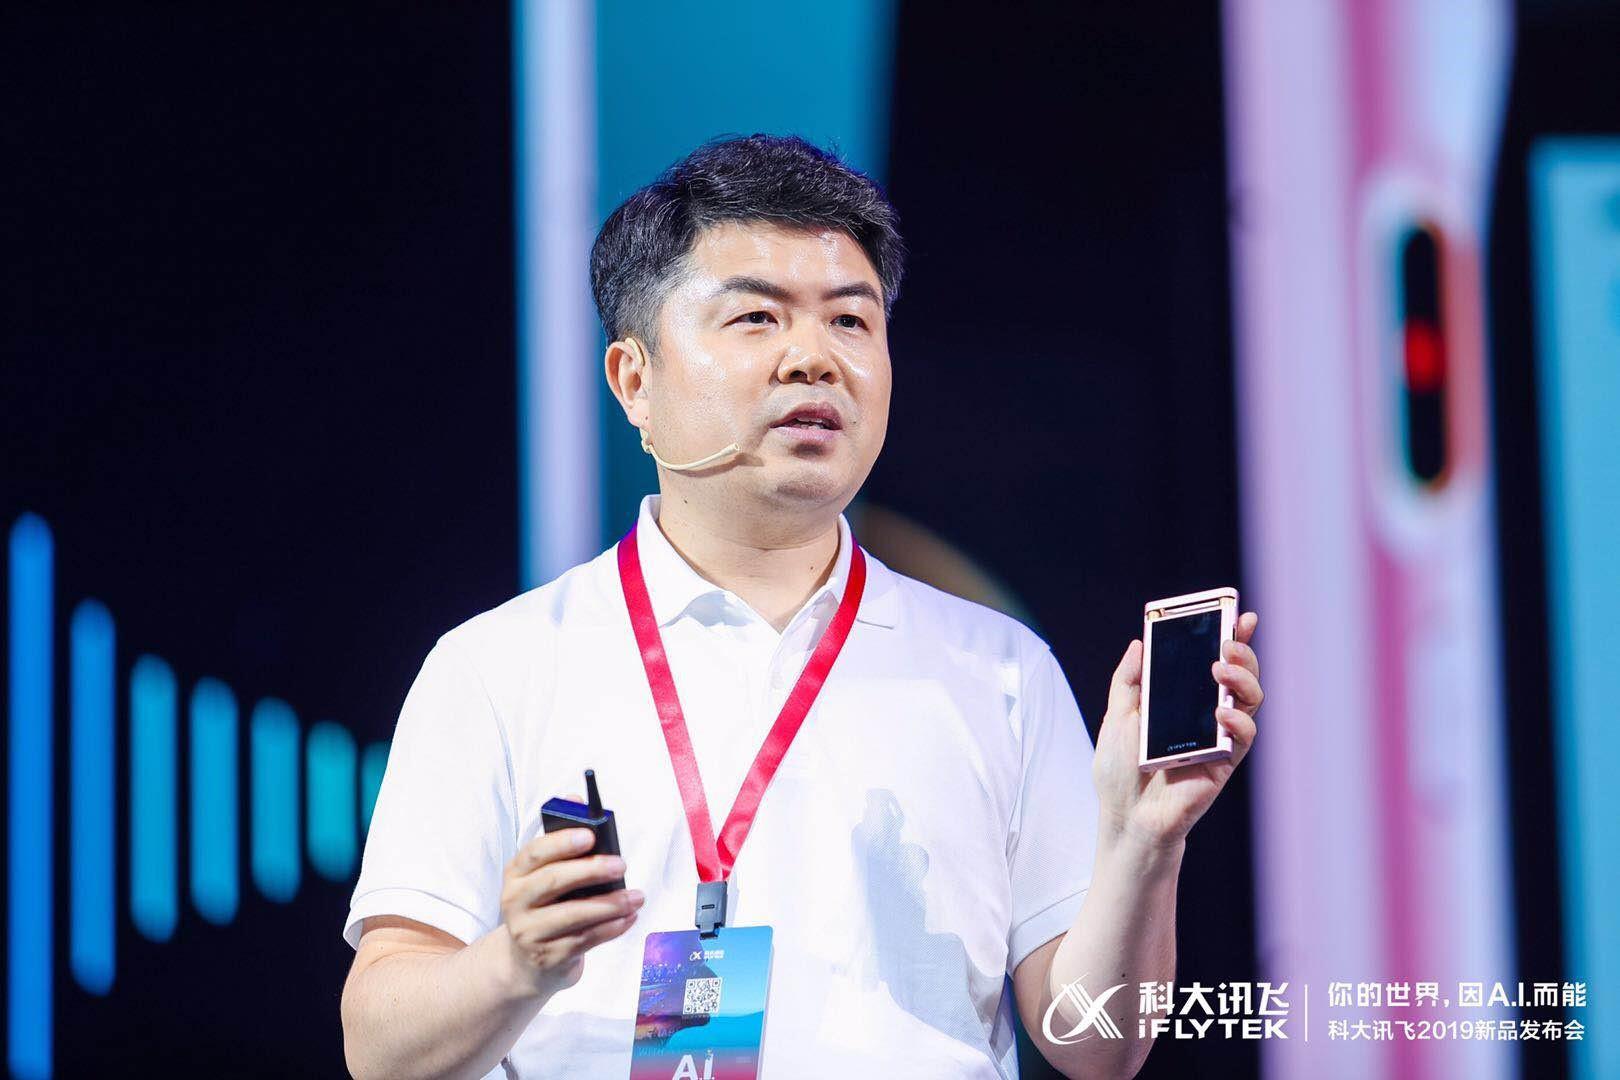 科大讯飞李传刚:发力to C,做智能录音笔的领导品牌